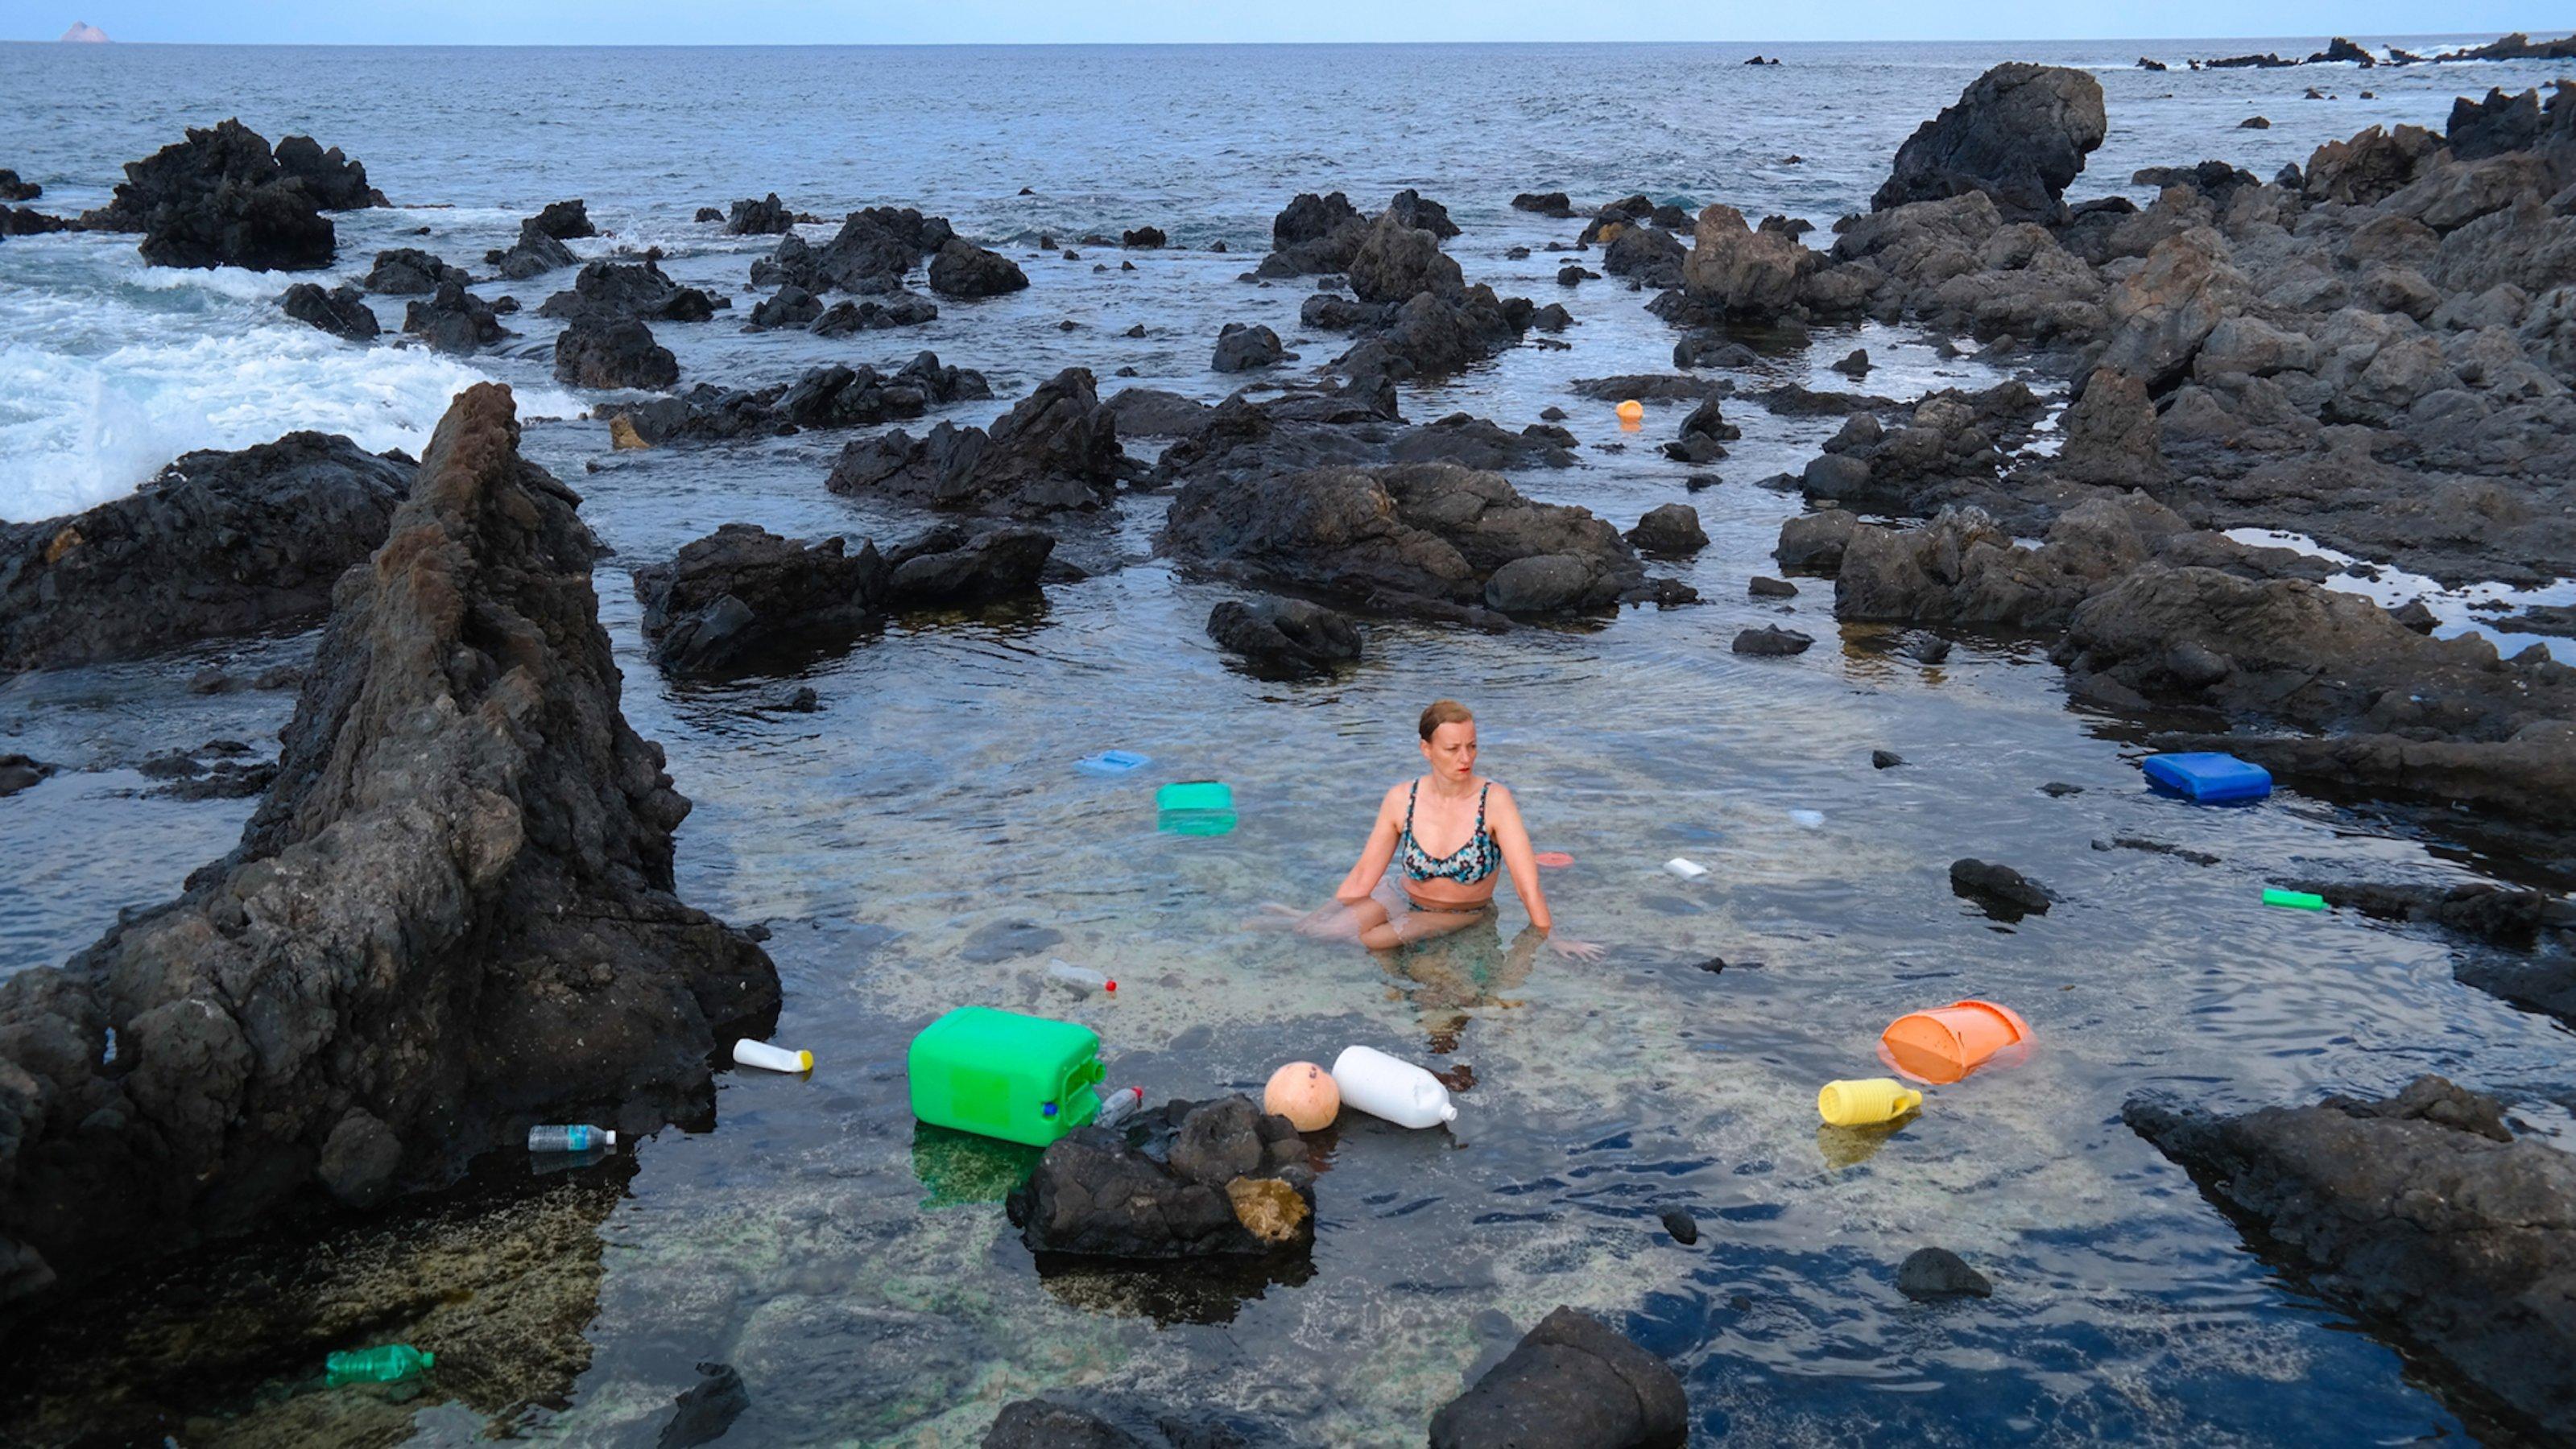 Künstlerin Swaantje Güntzel sitzt im Bikini in einer steinigen Bucht. Um sie herum schwimmen bunte Plastikbehältnisse.